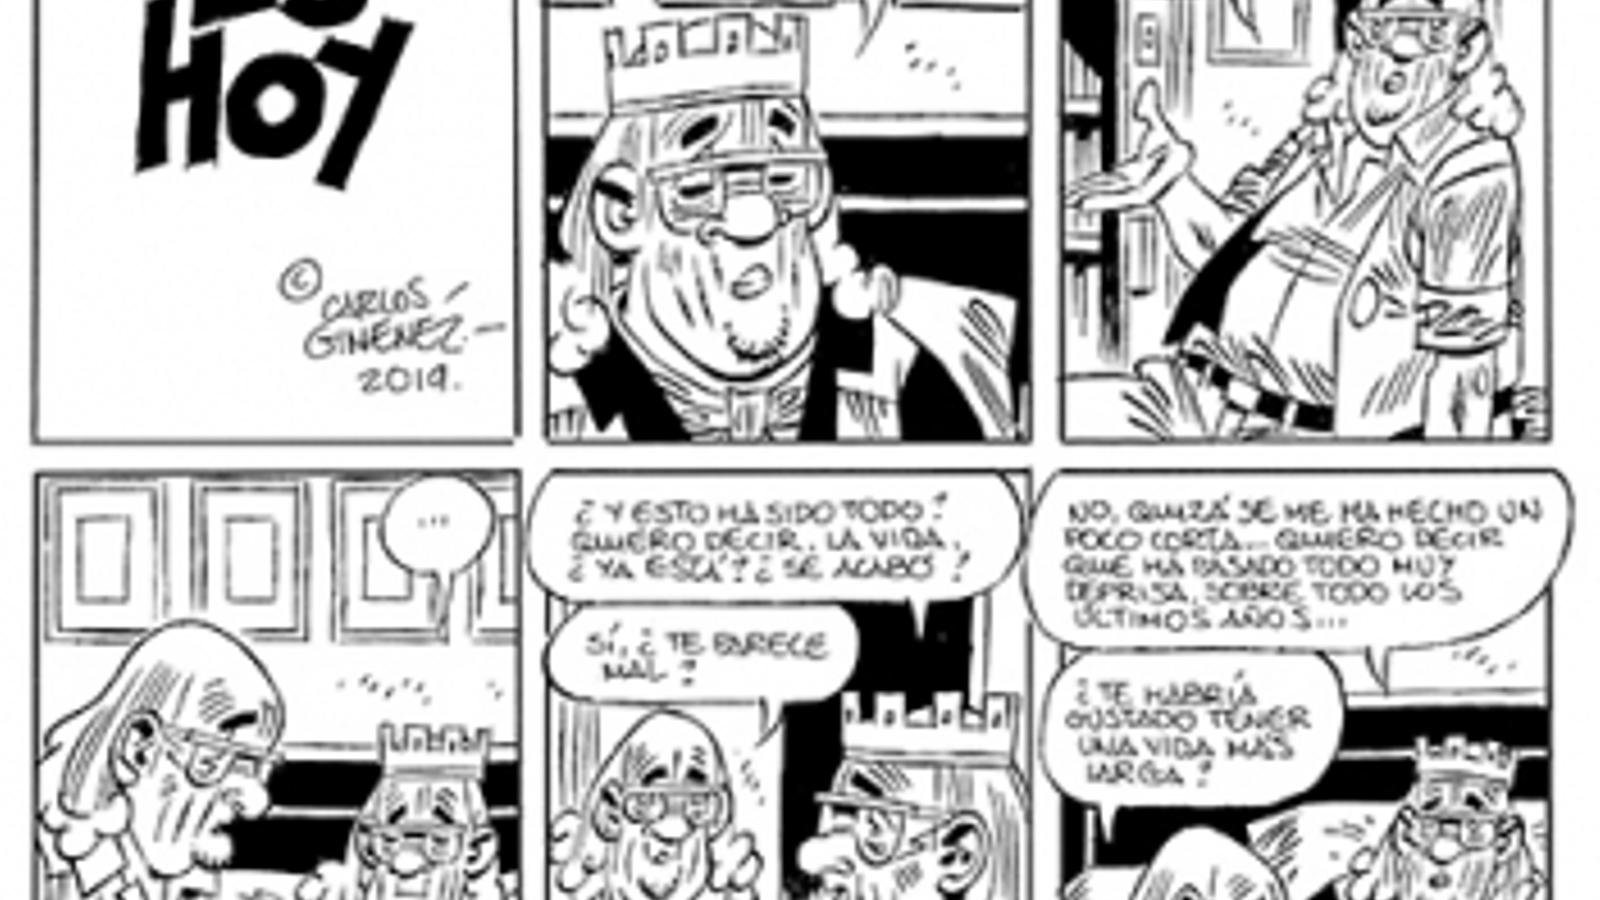 Un fragment de 'Es hoy', de Carlos Giménez